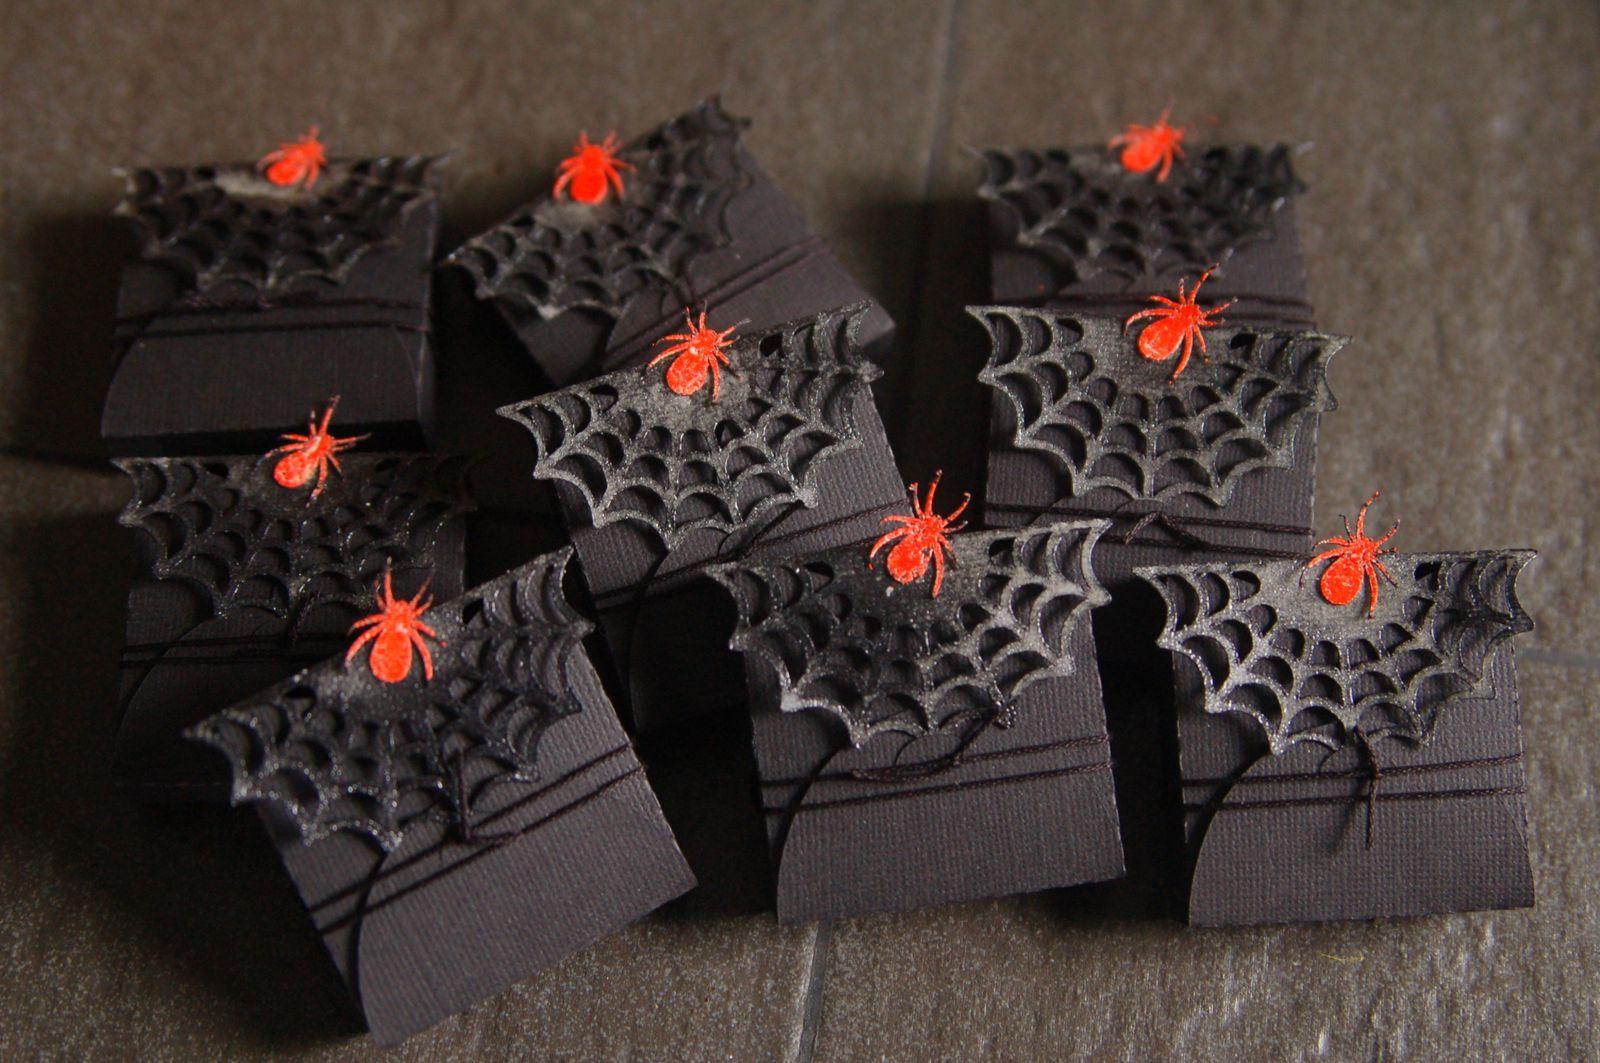 des petites boîtes remplies de bonbons découpées à la caméo et embosssées pour un plus joli rendu